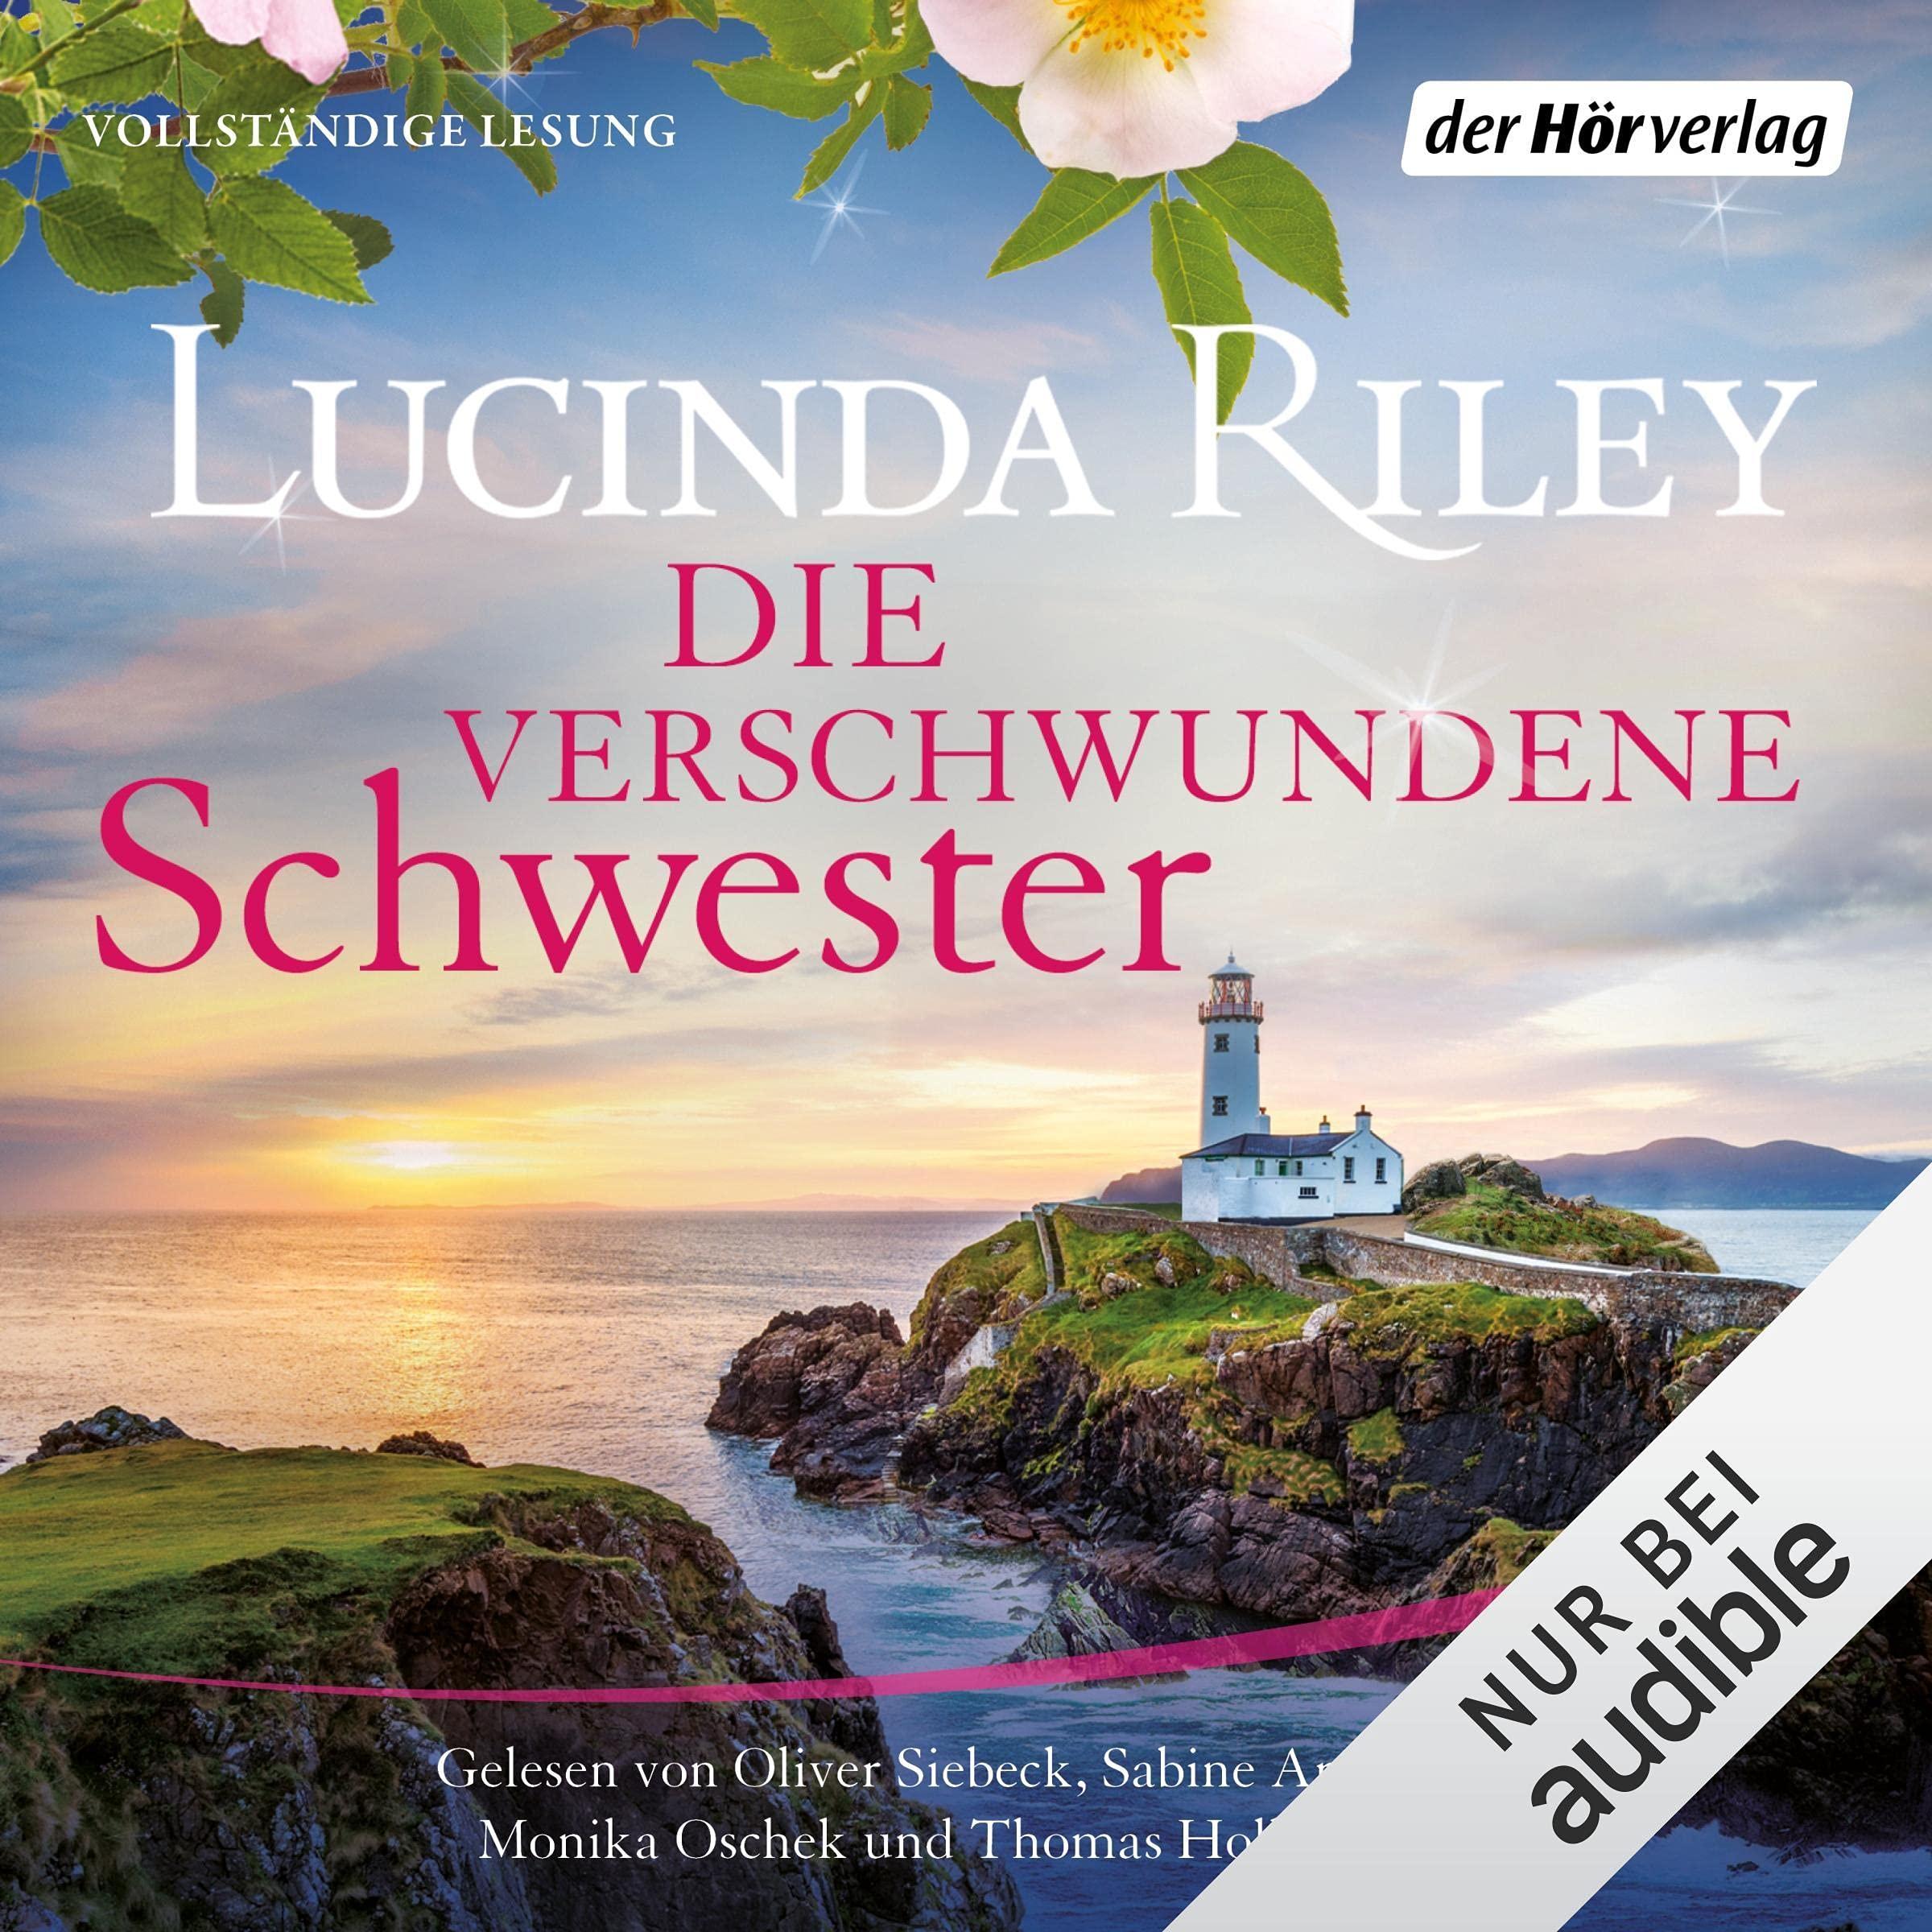 Coverbild von Die verschwundene Schwester, von Lucinda Riley